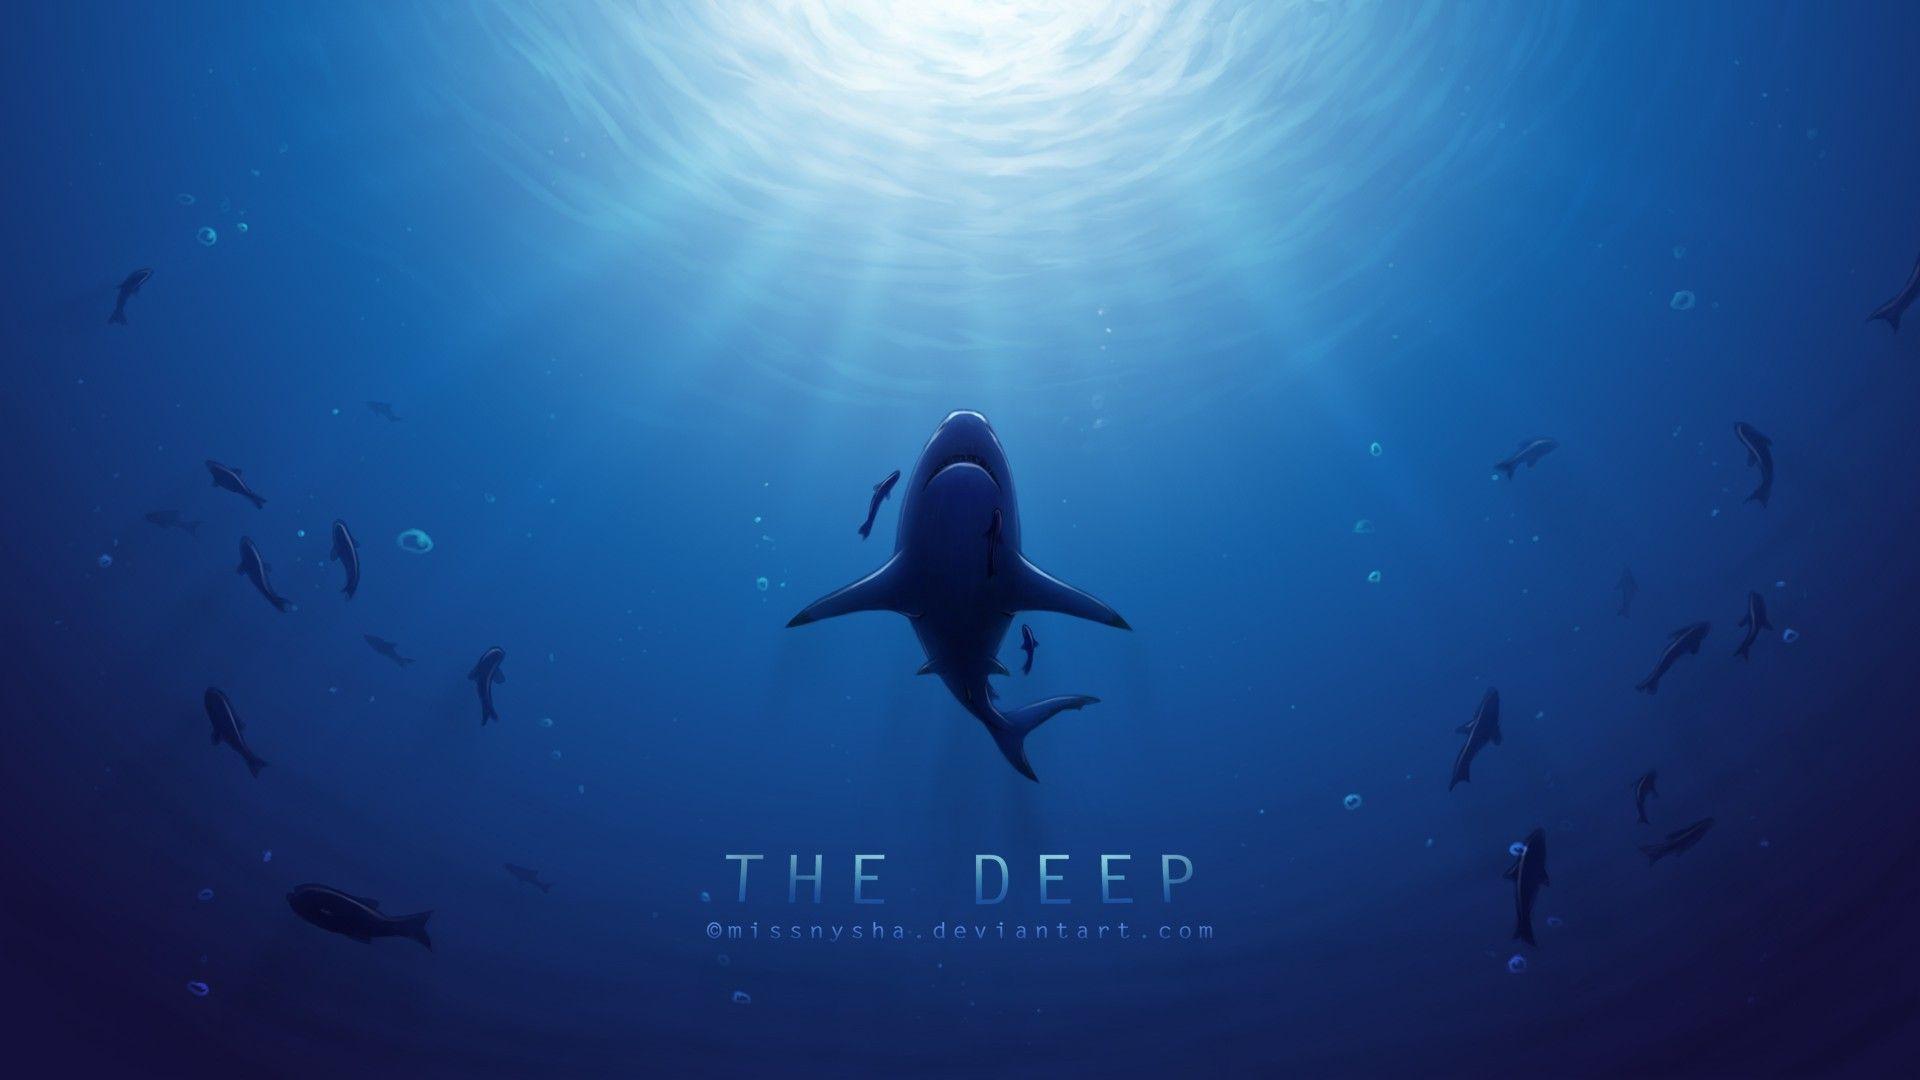 deep ocean desktop wallpaper - photo #8